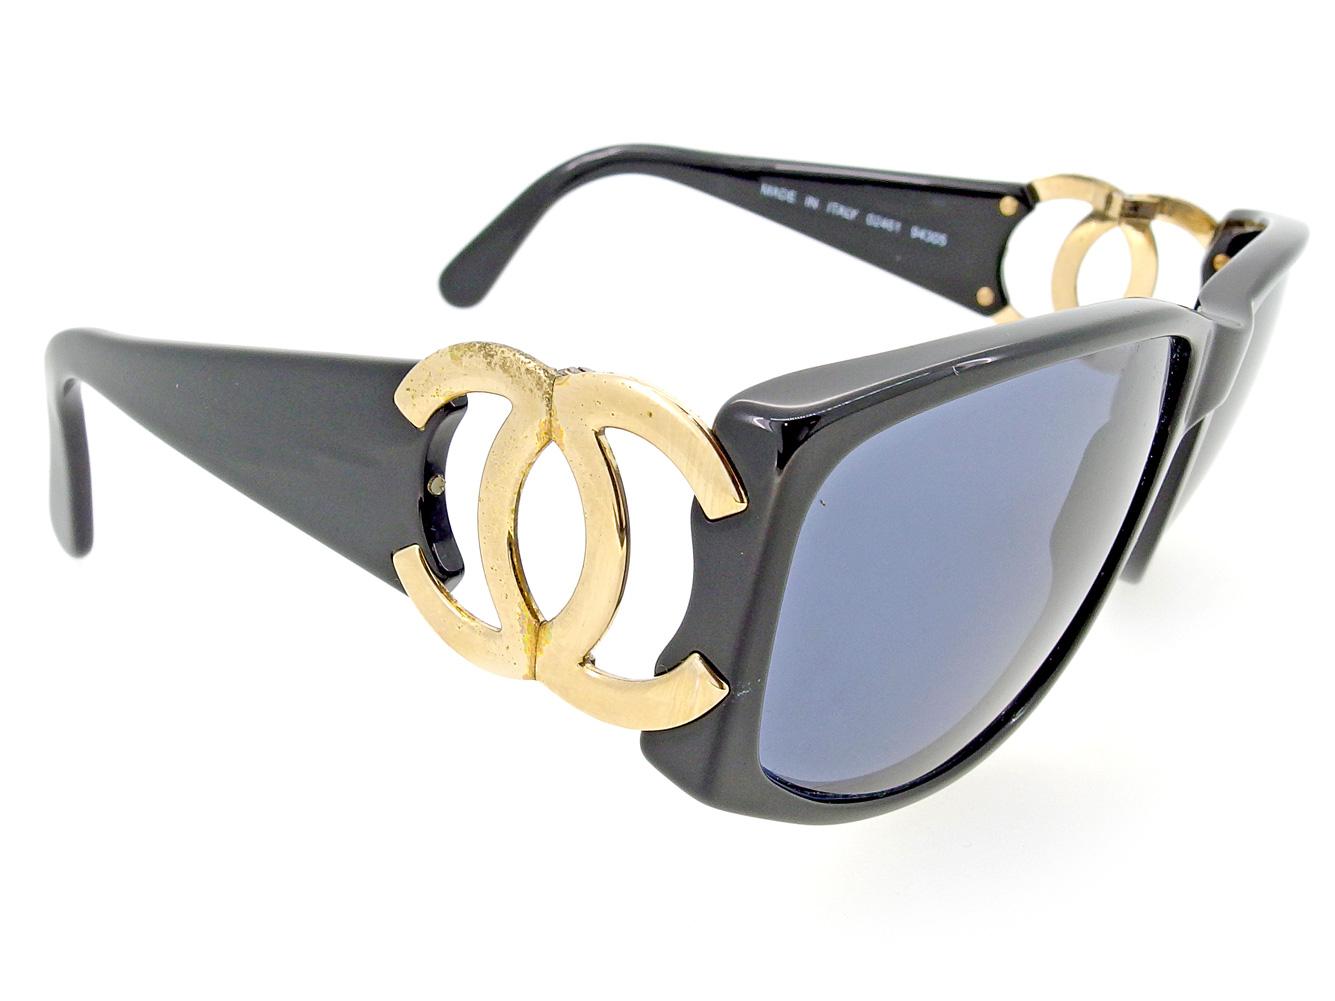 5c92e4c616ee 【中古】 T6566s プラスティックサングラス ゴールド ブラック ココマーク メンズ可 サングラス CHANEL シャネル-サングラス